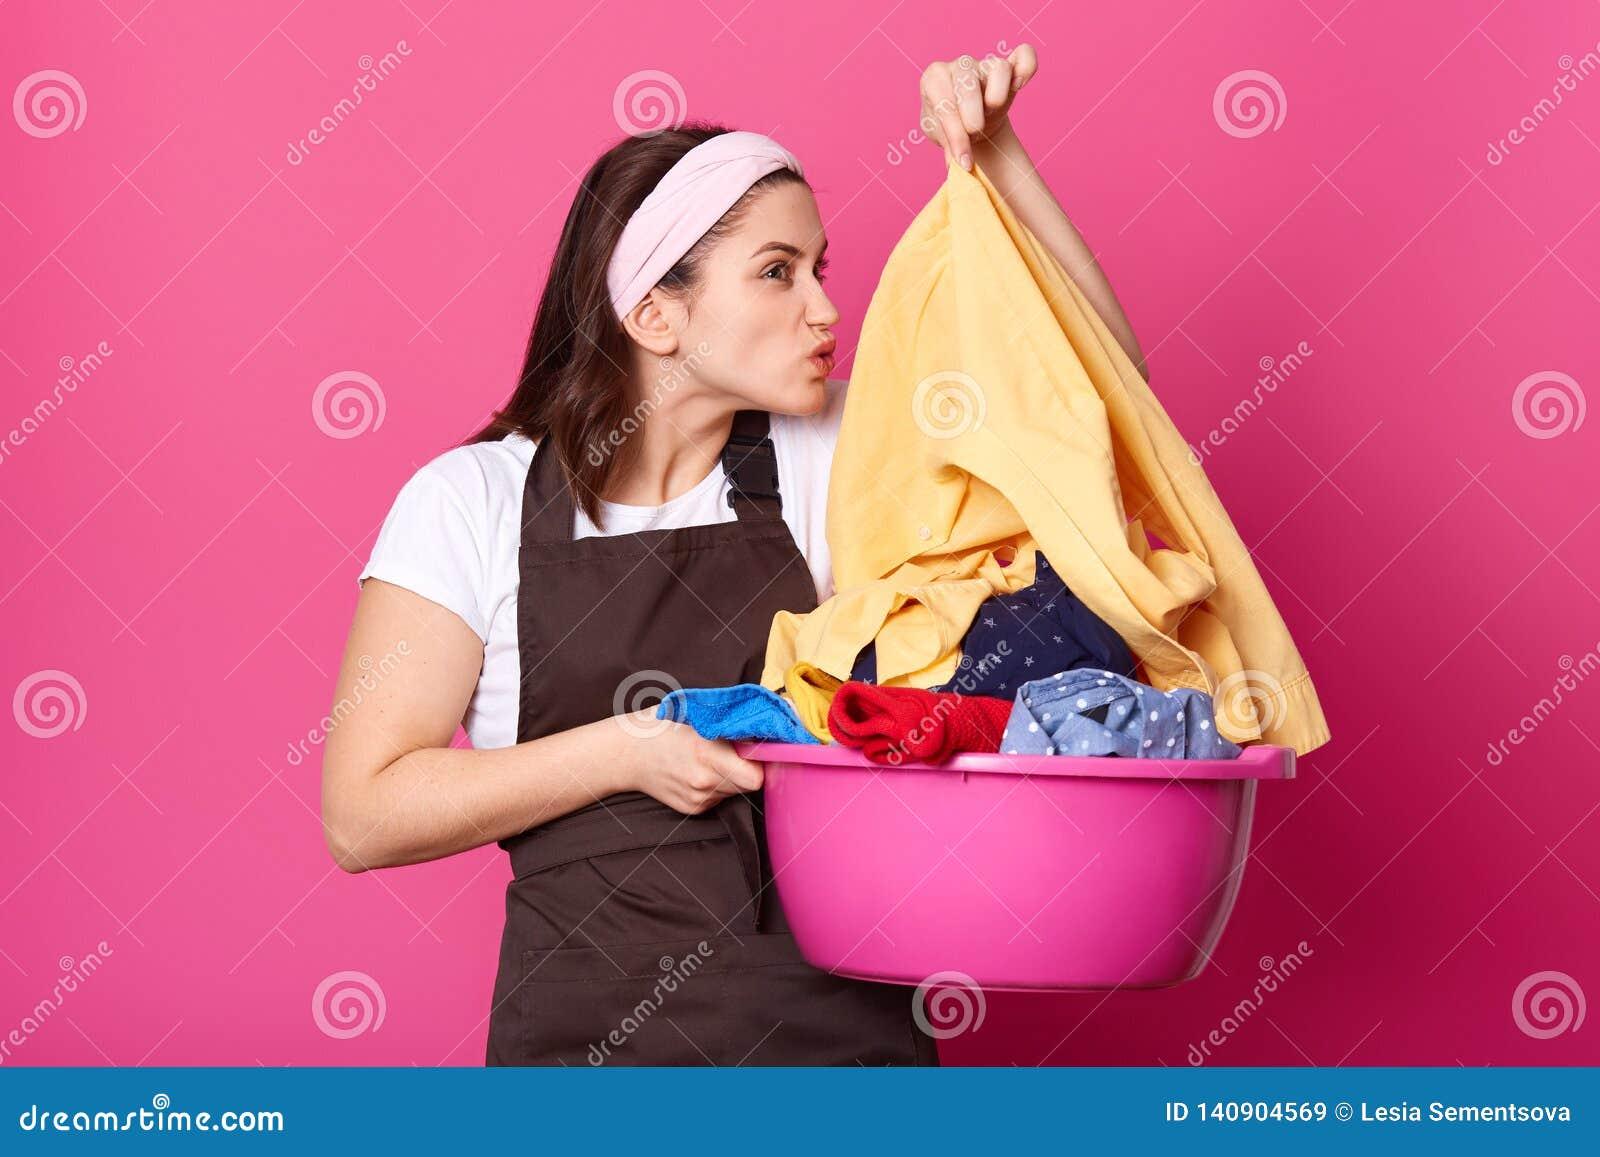 De bezige huisvrouw houdt bassin vuile kleren, doet was tijdens weekend, ruikt overhemd, gekleed in toevallige schort en hoofdban